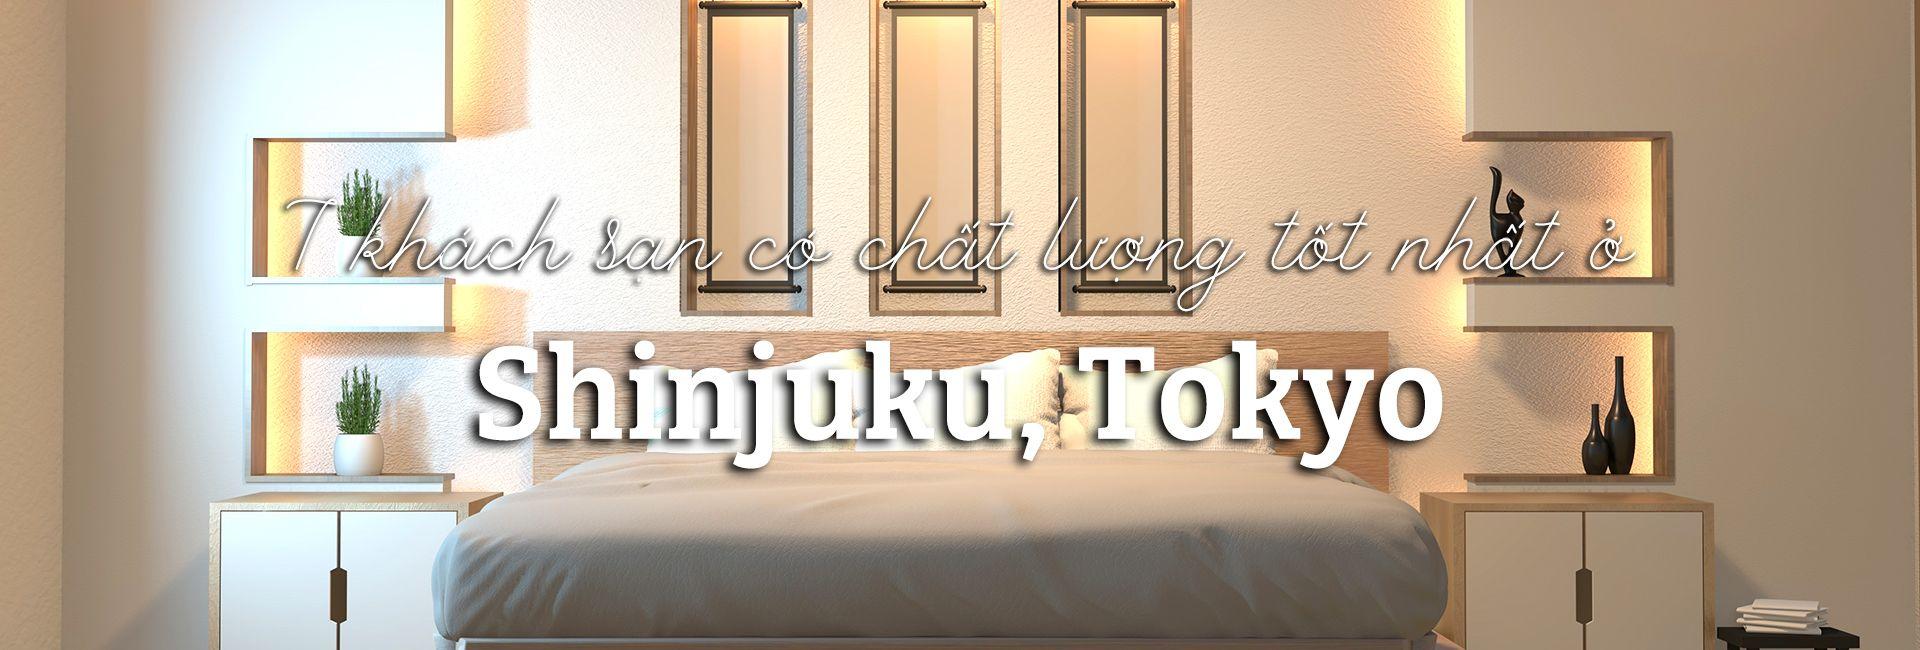 Top 7 khách sạn có chất lượng tốt nhất ở Shinjuku, Tokyo